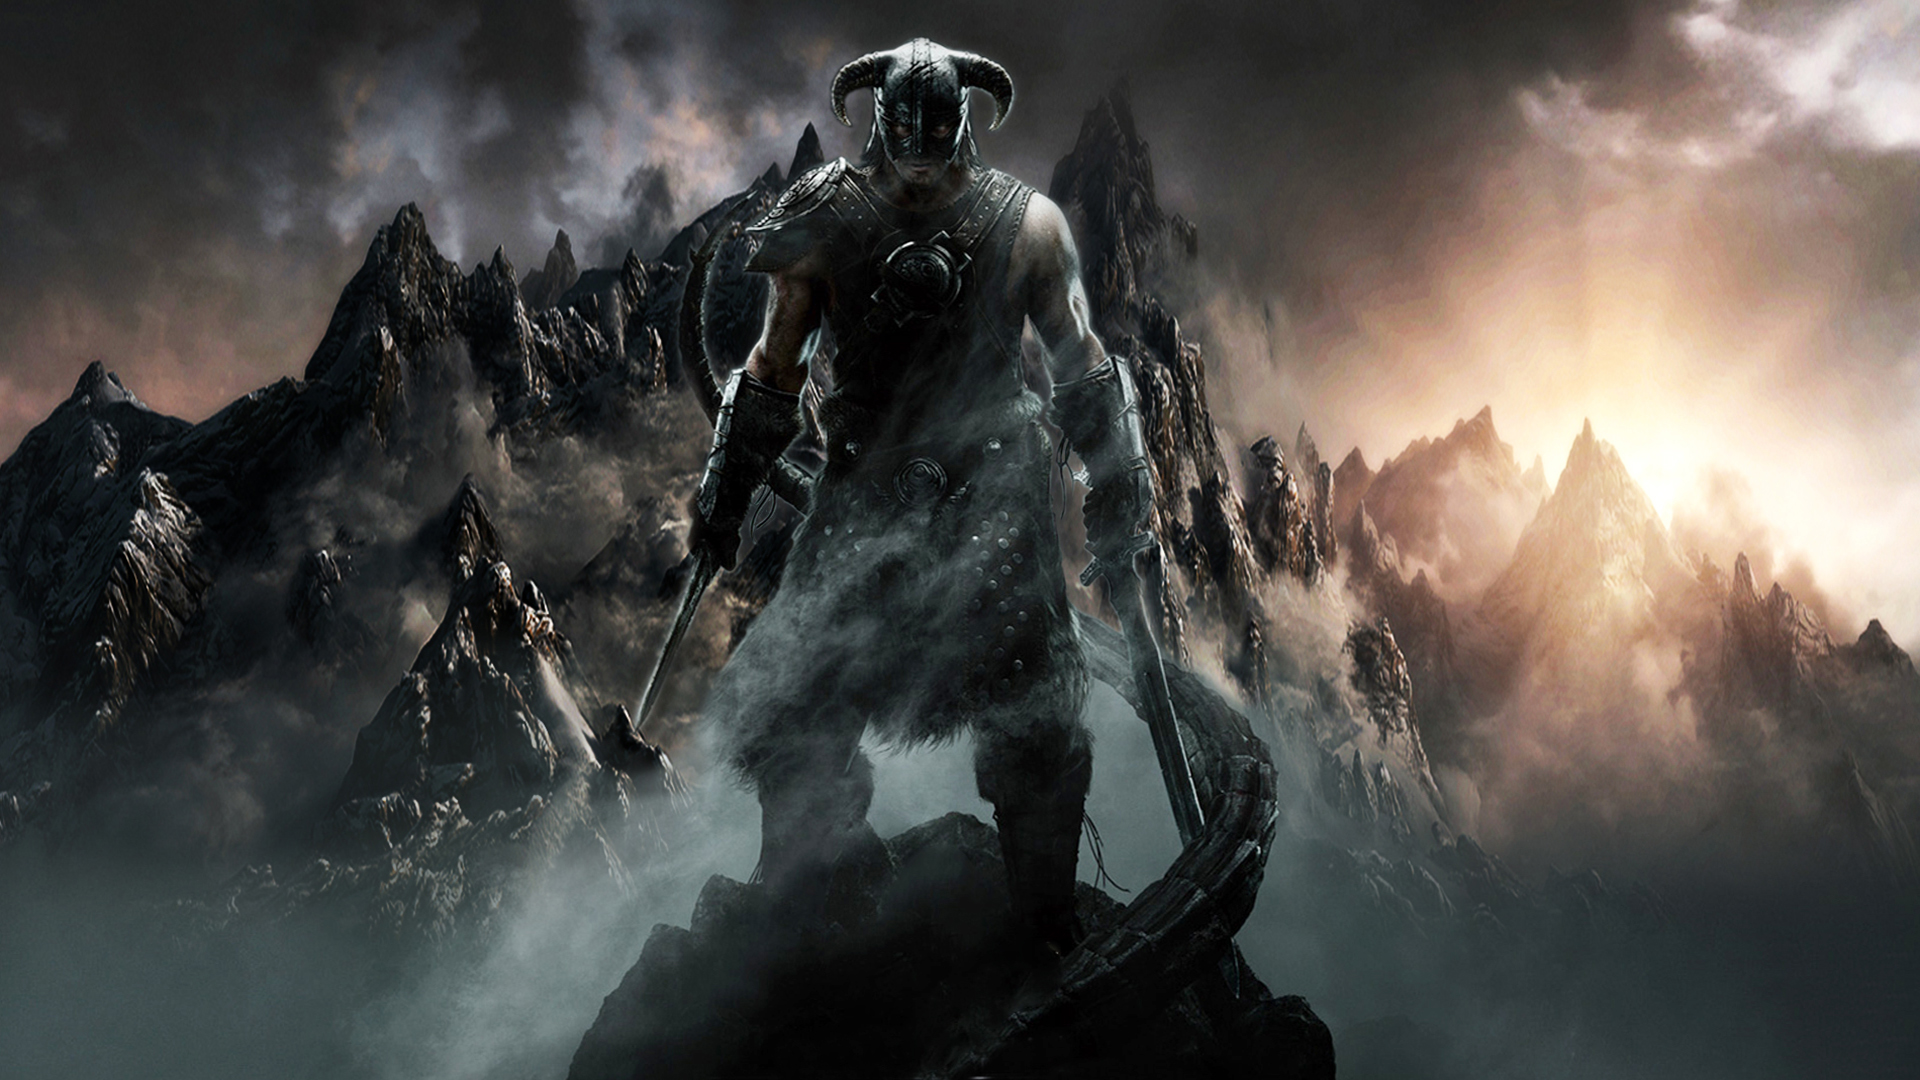 Распродажа игр от Bethesda в Steam. На игры серии TES, Doom, Fallout, Wolfenstein действуют скидки до 70%